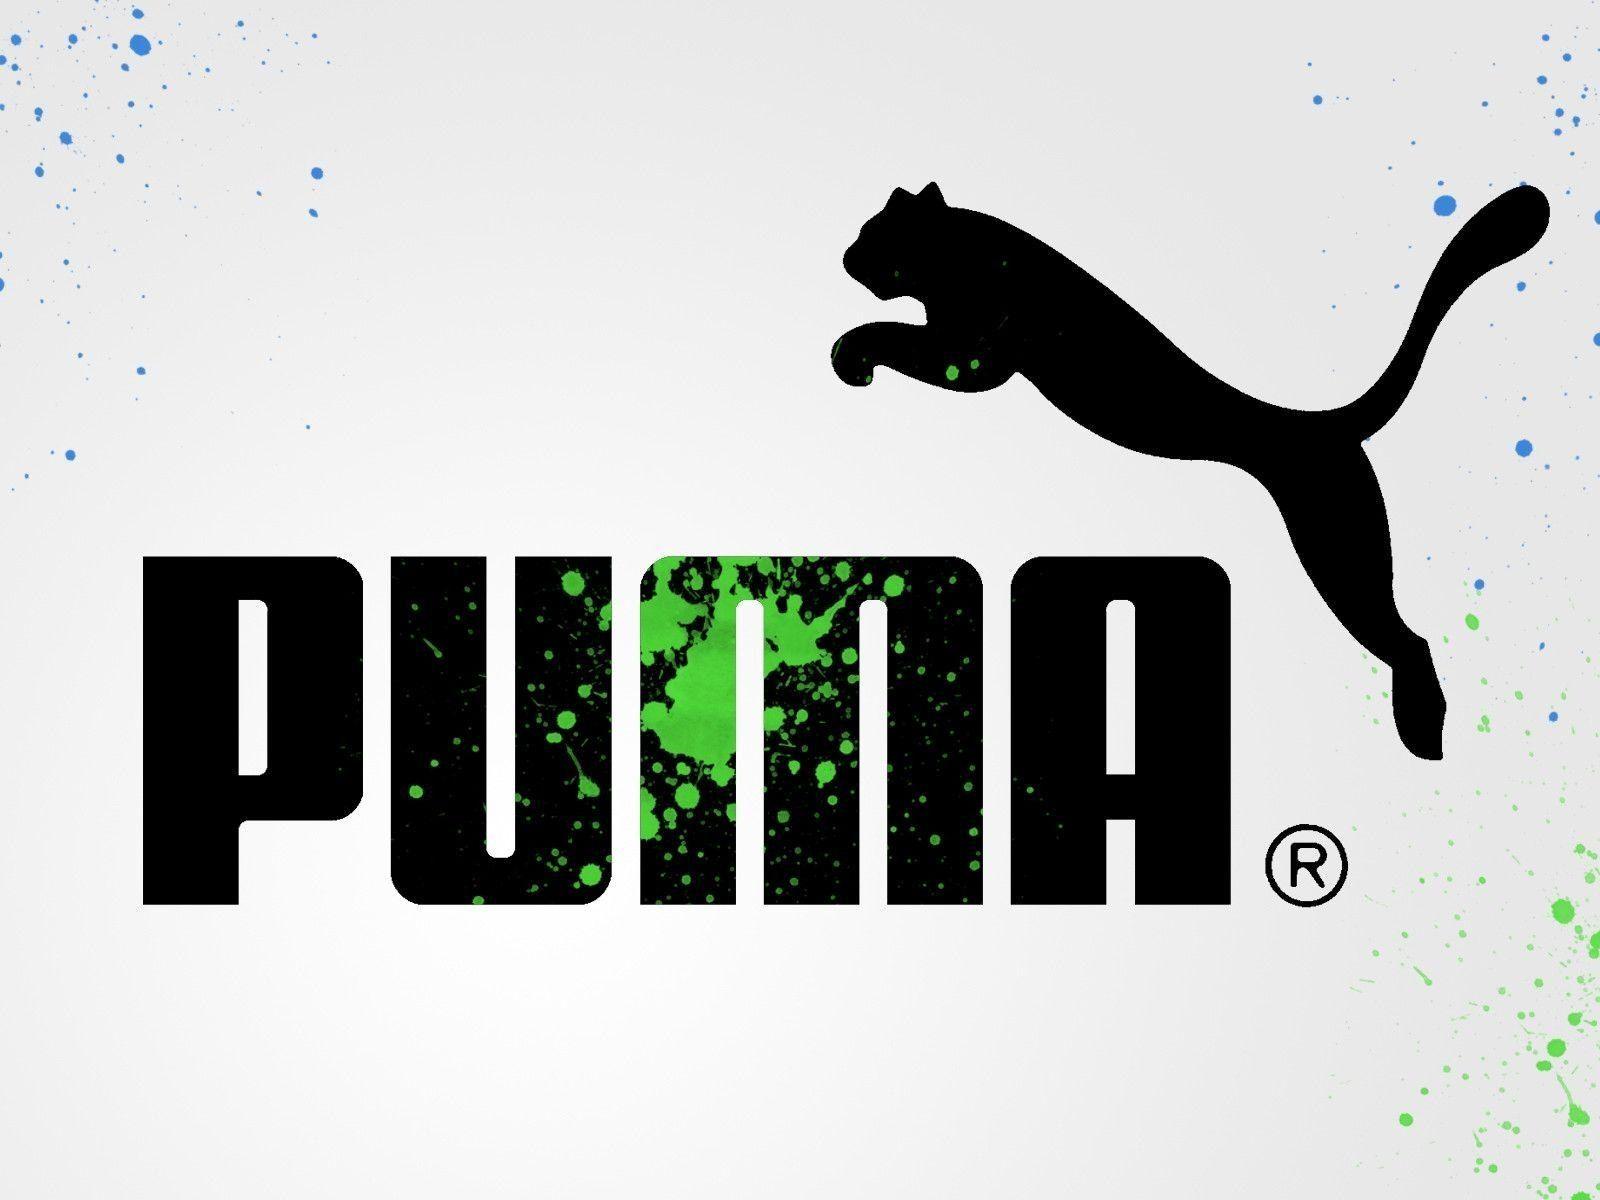 Puma Hd Wallpaper For Iphone Download Popular Puma Hd Wallpaper